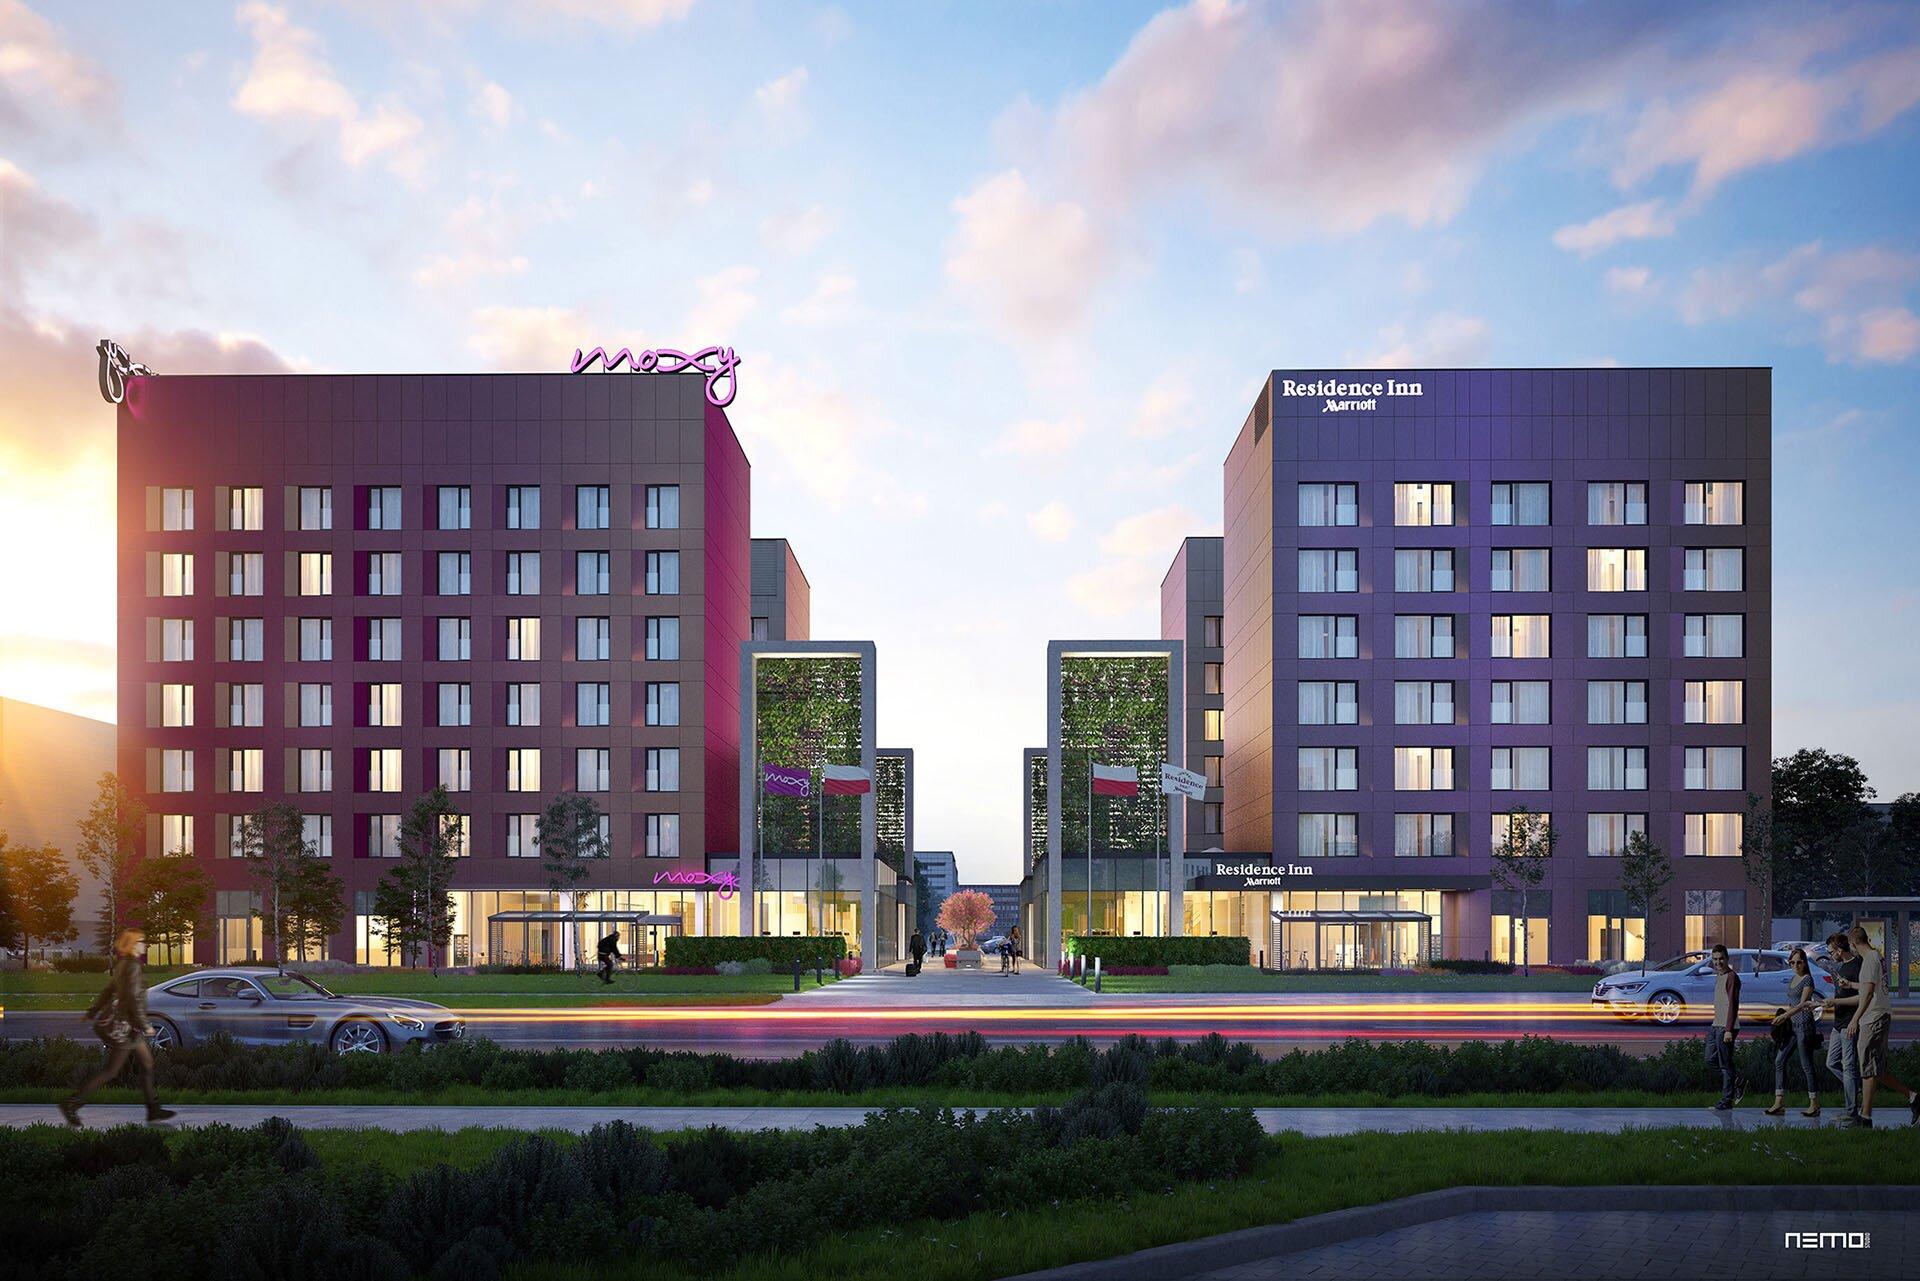 wizualizacja budynku hotelu w Warszawie